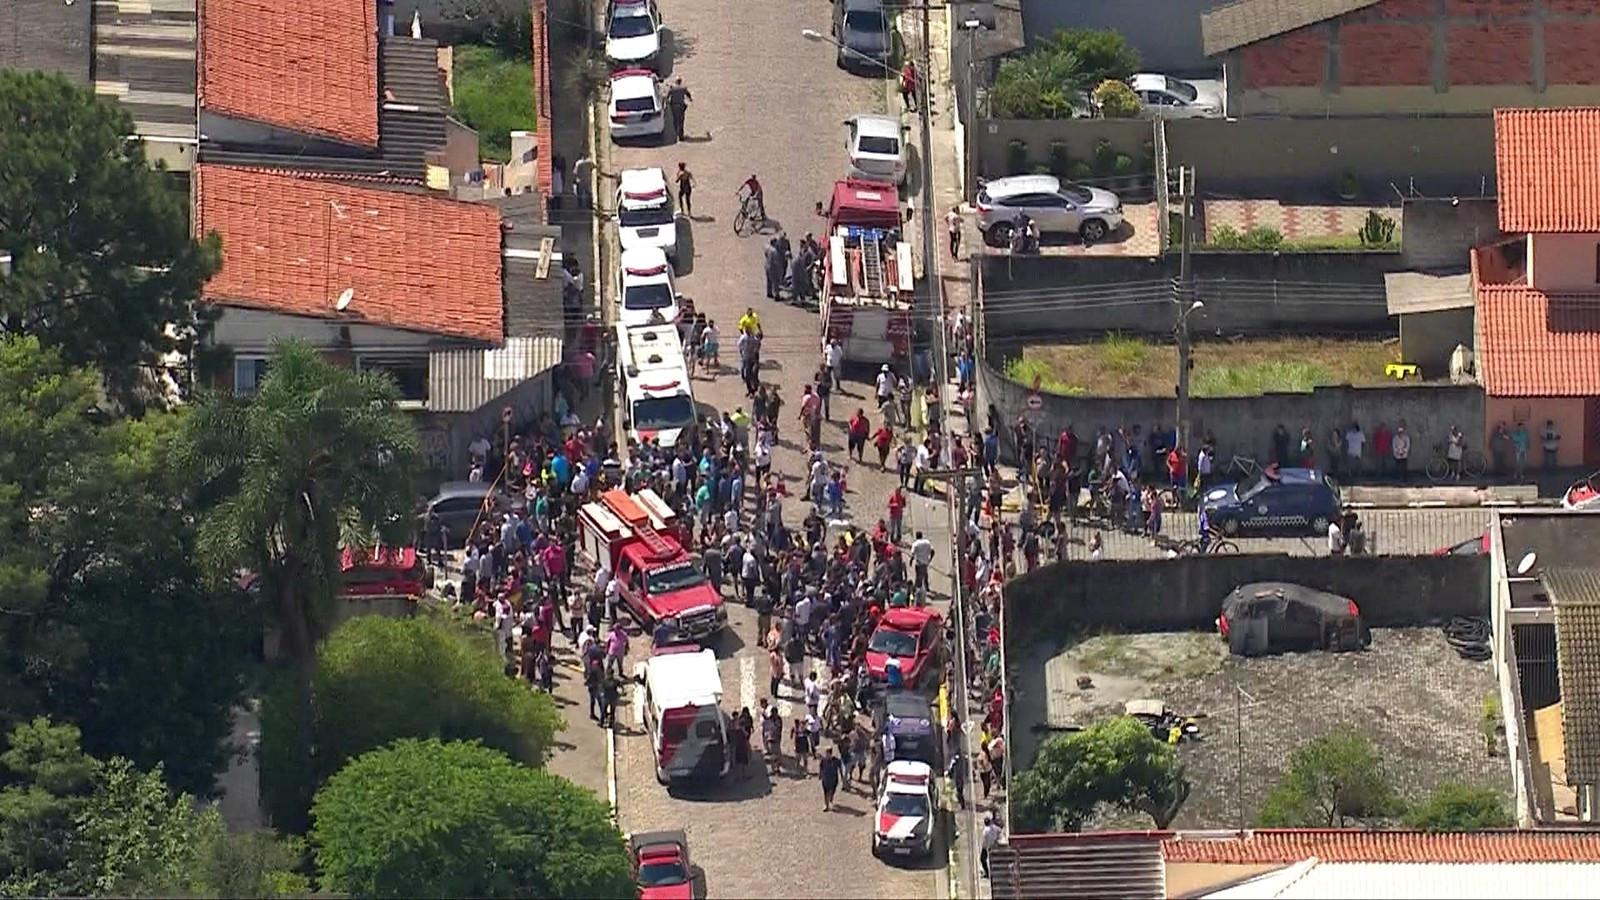 Atiradores mataram oito pessoas, entre elas crianças, em escola no Brasil